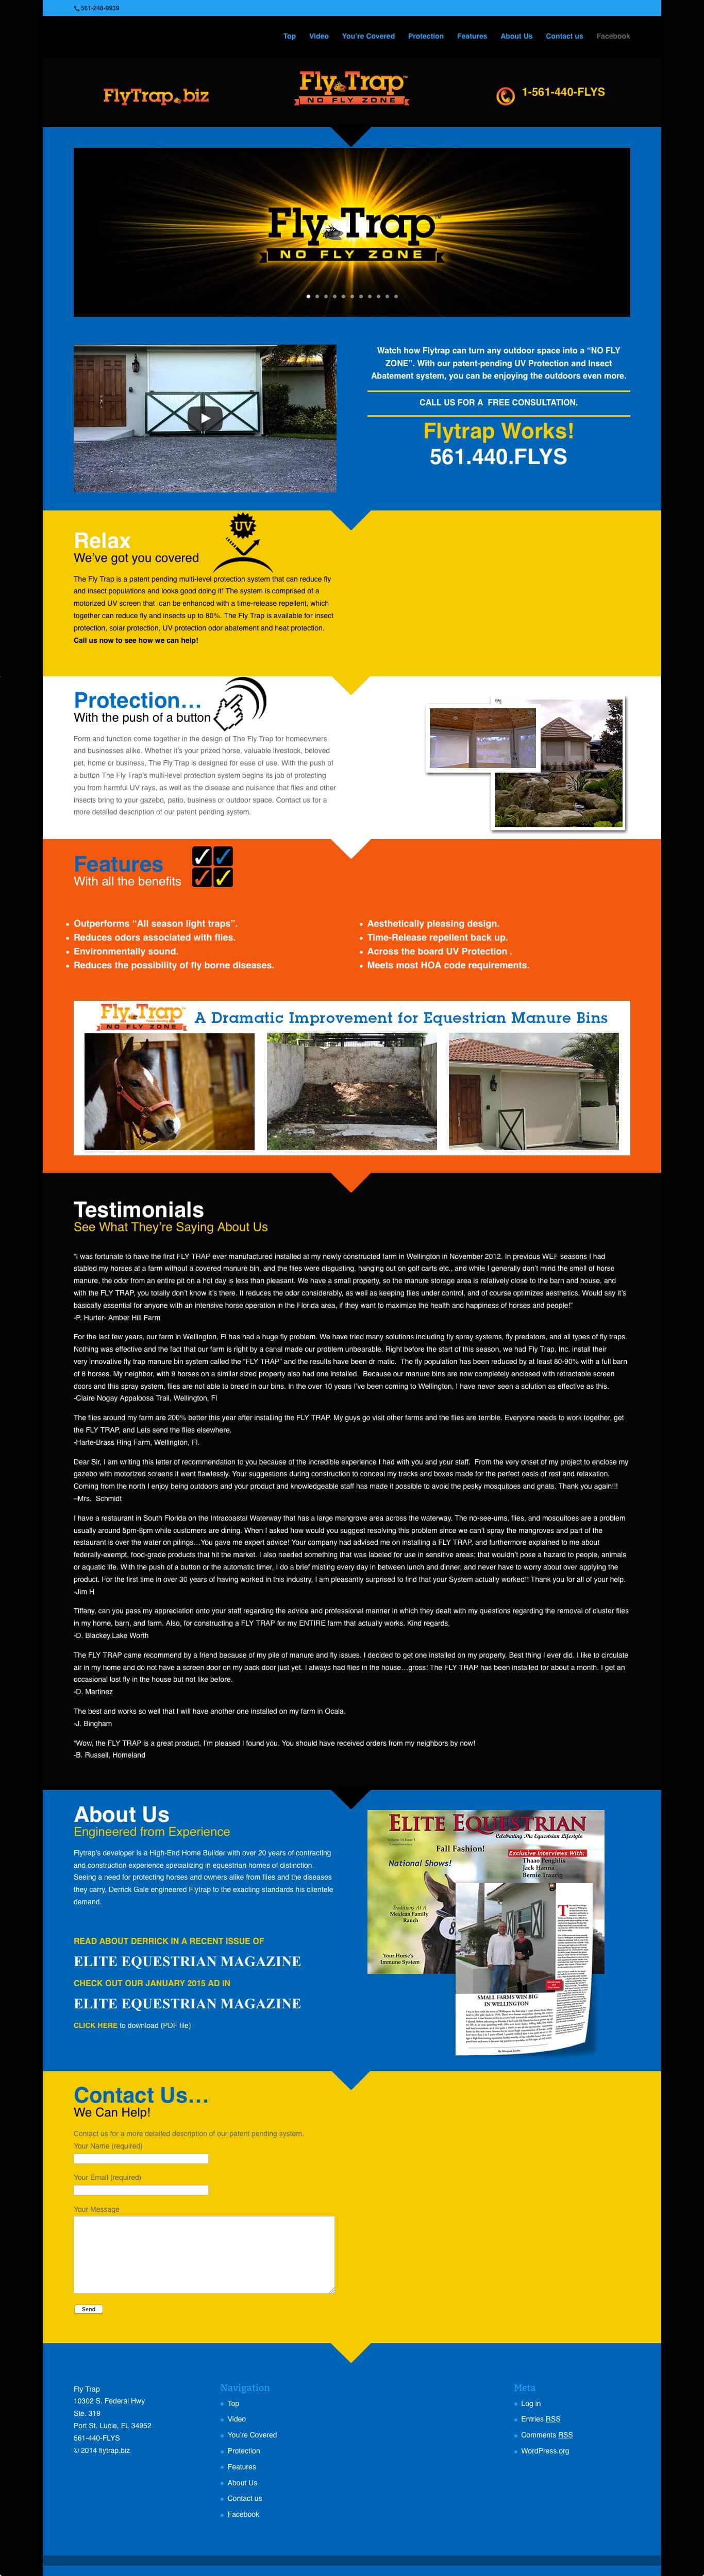 flytrap.biz home page